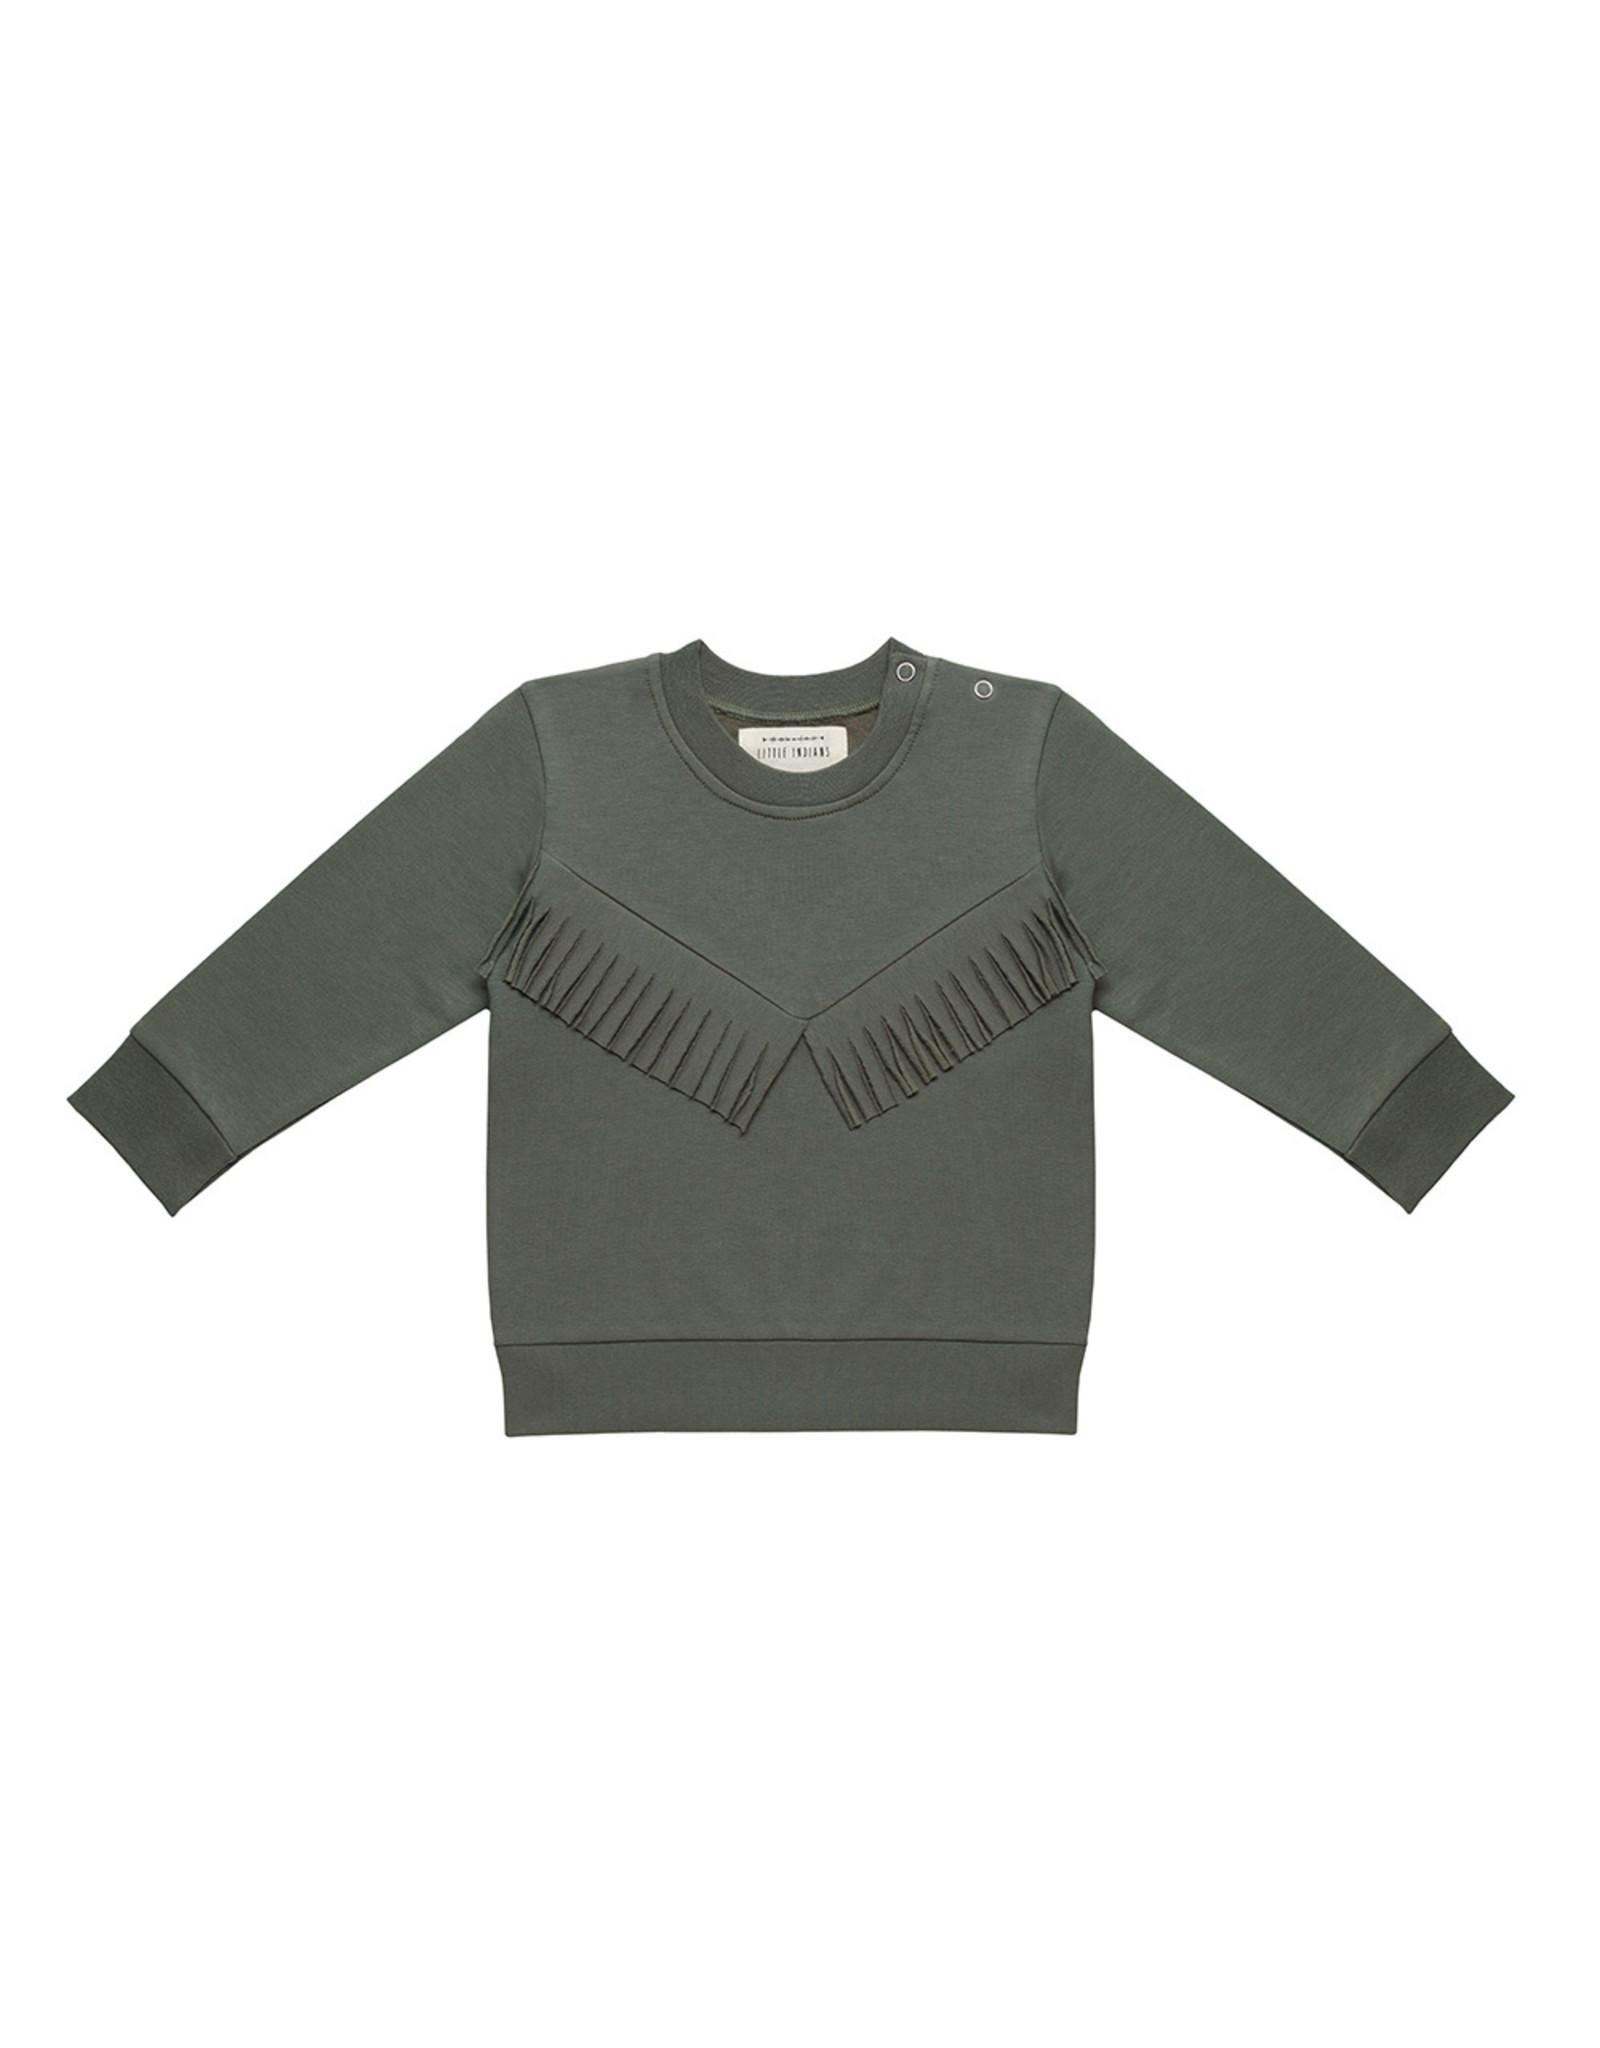 Little Indians LI - Boho Sweater - Dusty Olive